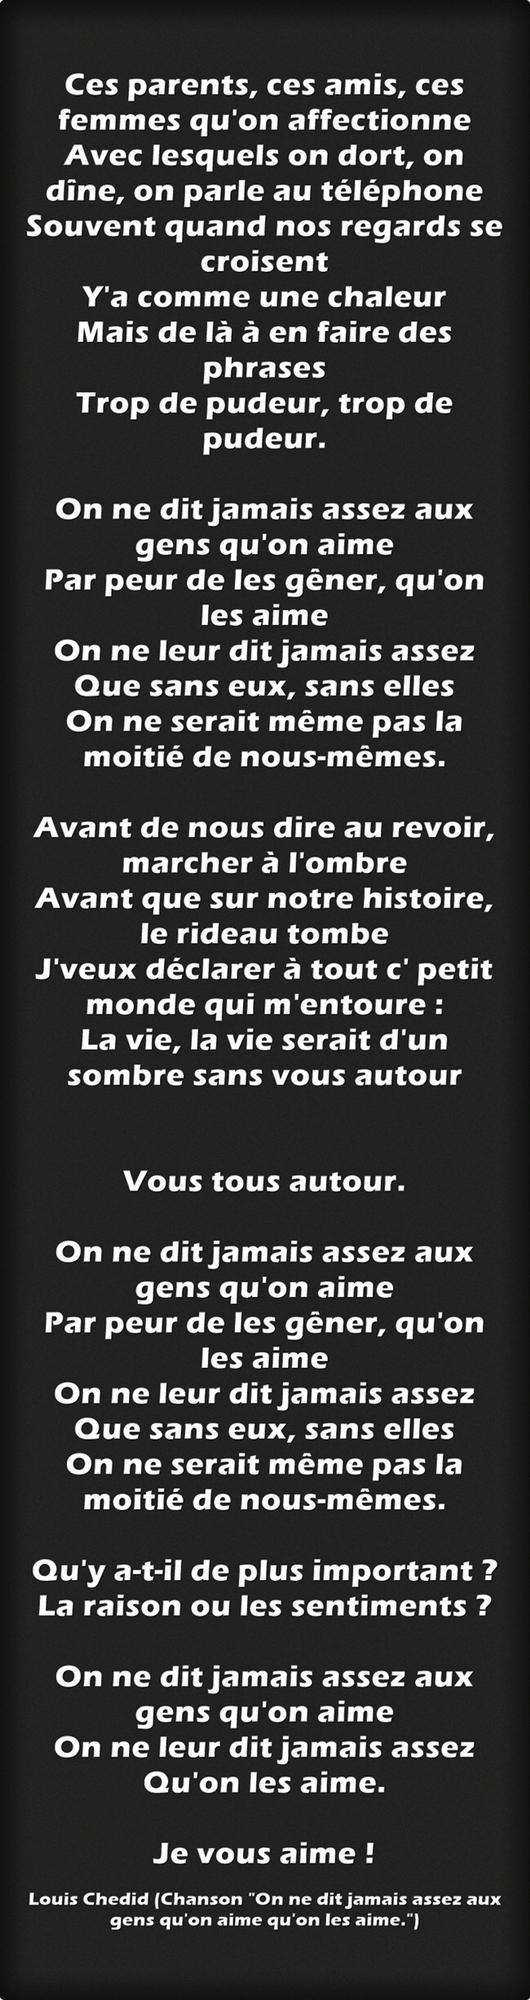 Louis Chedid - On ne dit jamais assez aux gens qu'on aime